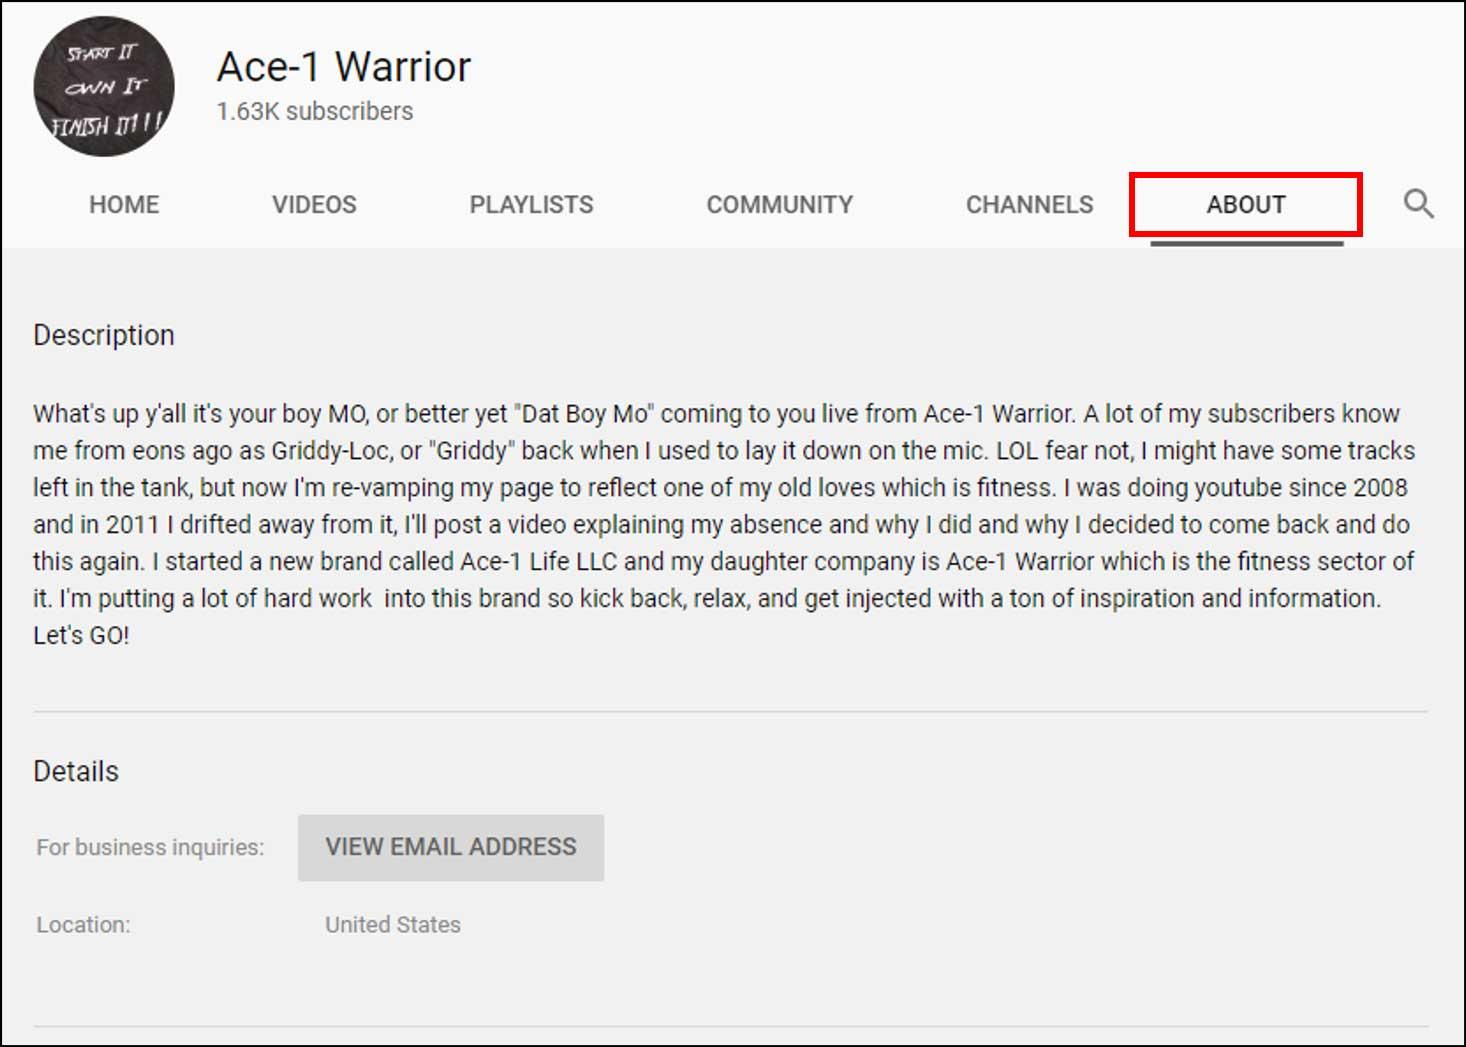 Ace 1 Warrior page description